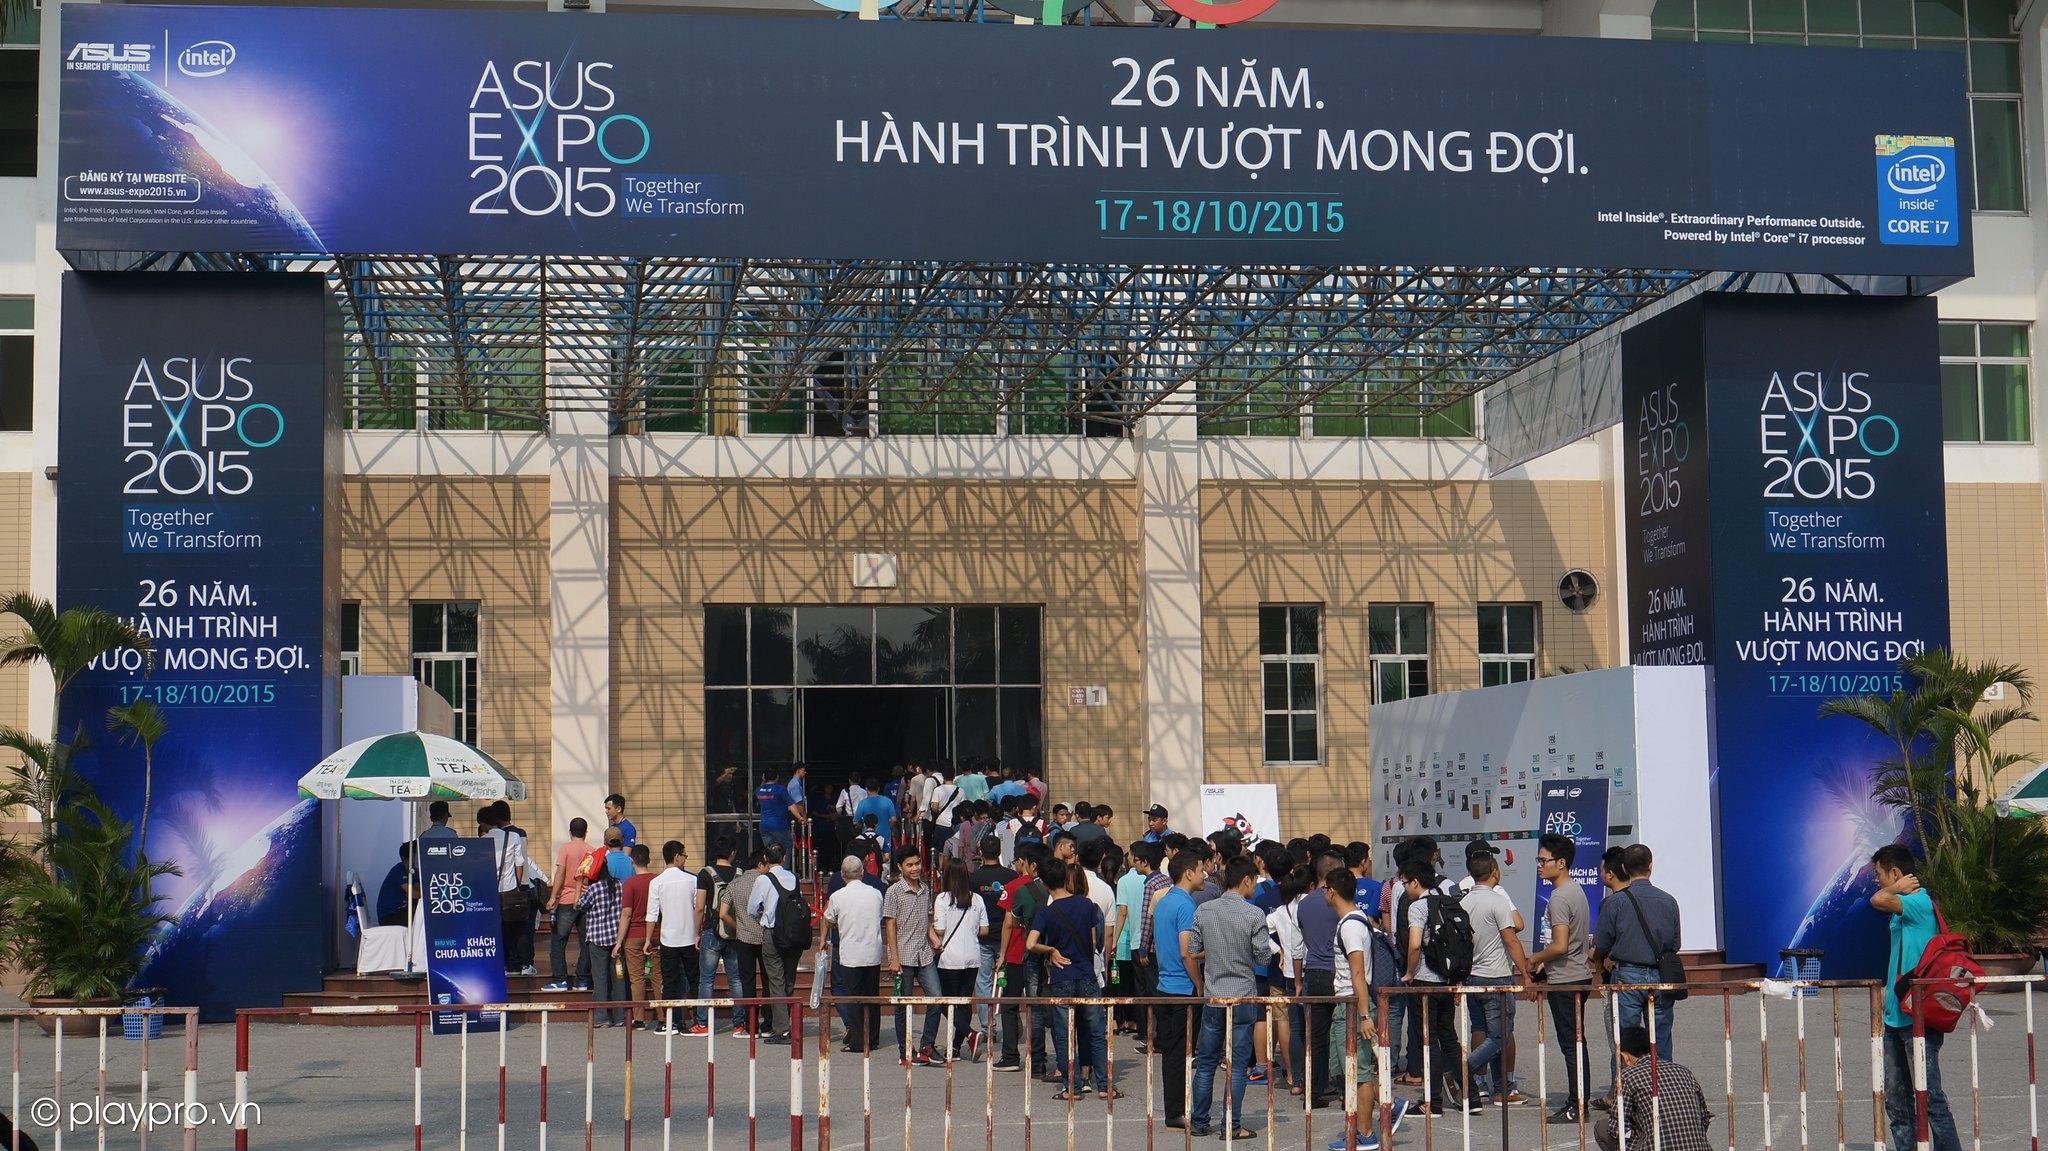 Event Asus Expo 2015 - Hanoi